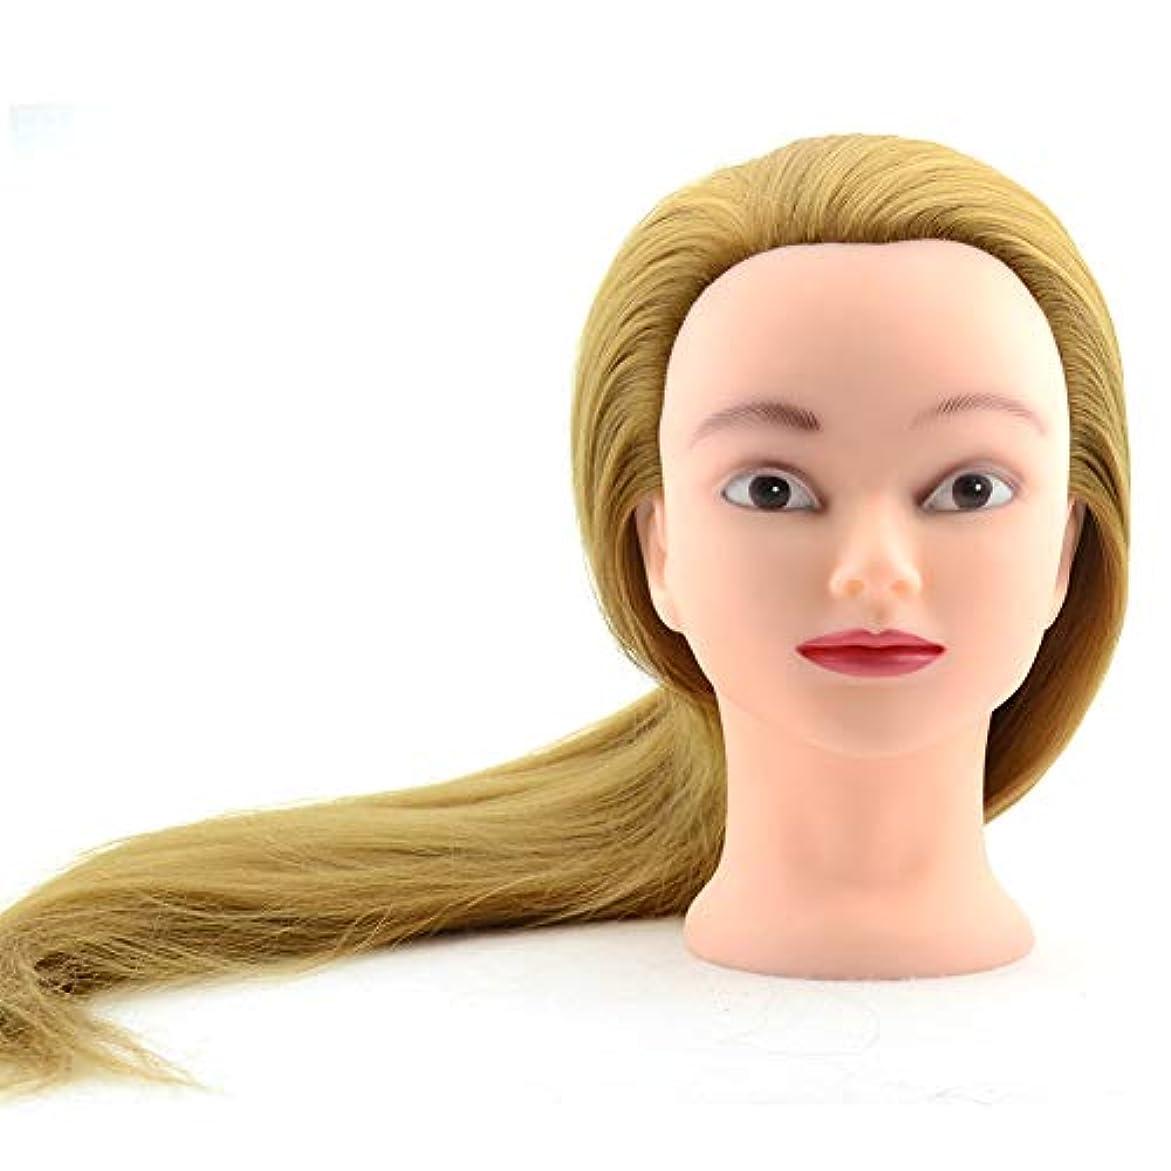 父方の住む海嶺化学繊維ウィッグモデルヘッド理髪店学習ゴールデンヘアーダミーヘッドブライダルメイクスタイリングエクササイズヘッドモード